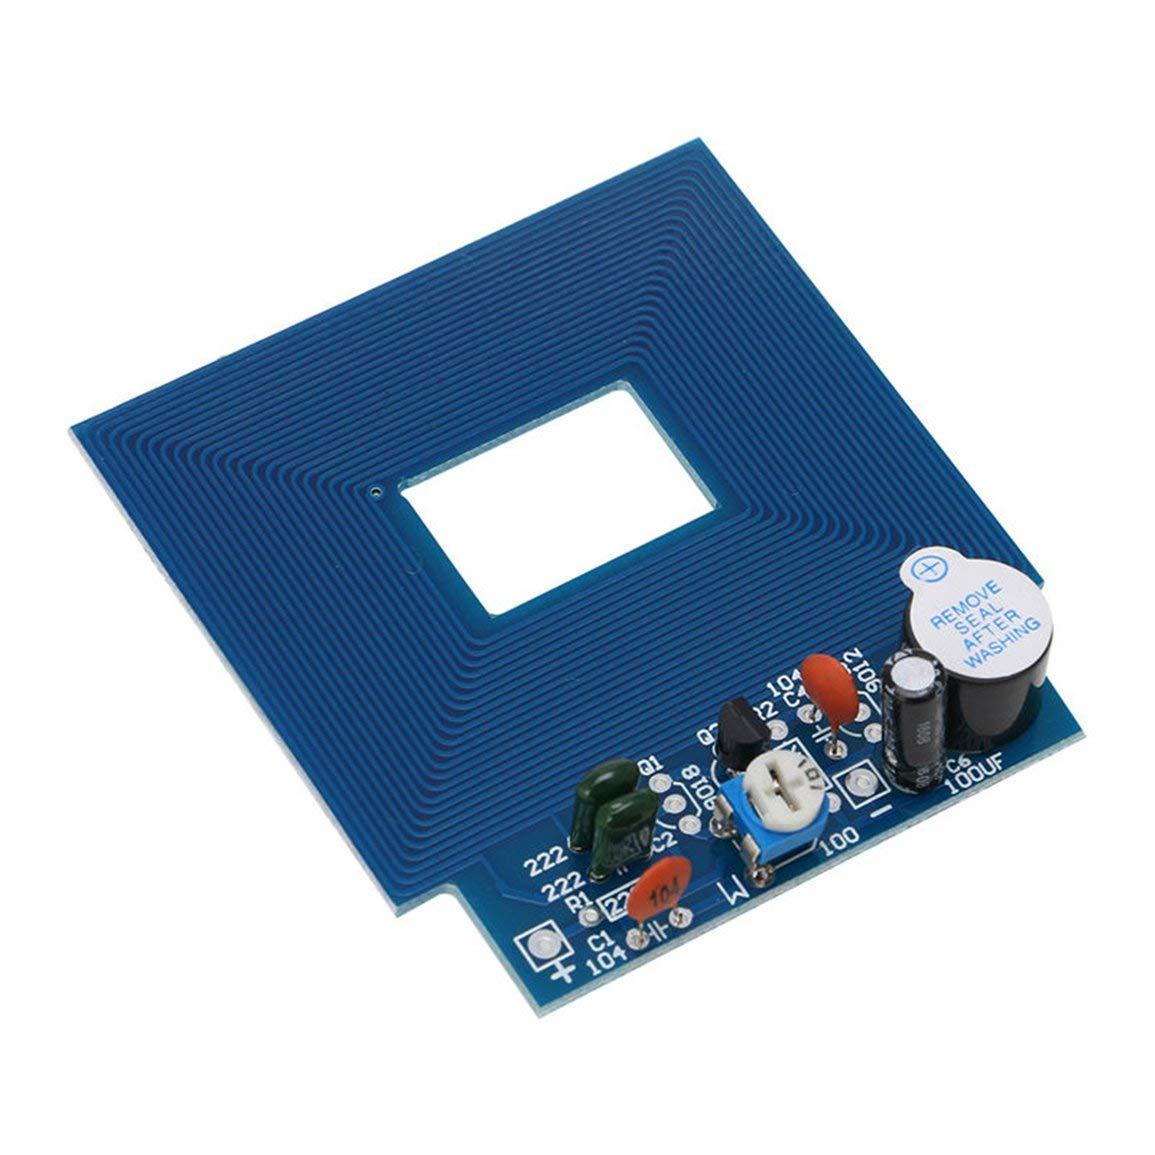 Detector de Metales Simple Localizador de Metales Producci/ón electr/ónica DC 3V - 5V Kit de Bricolaje Materiales ecol/ógicos fghfhfgjdfj